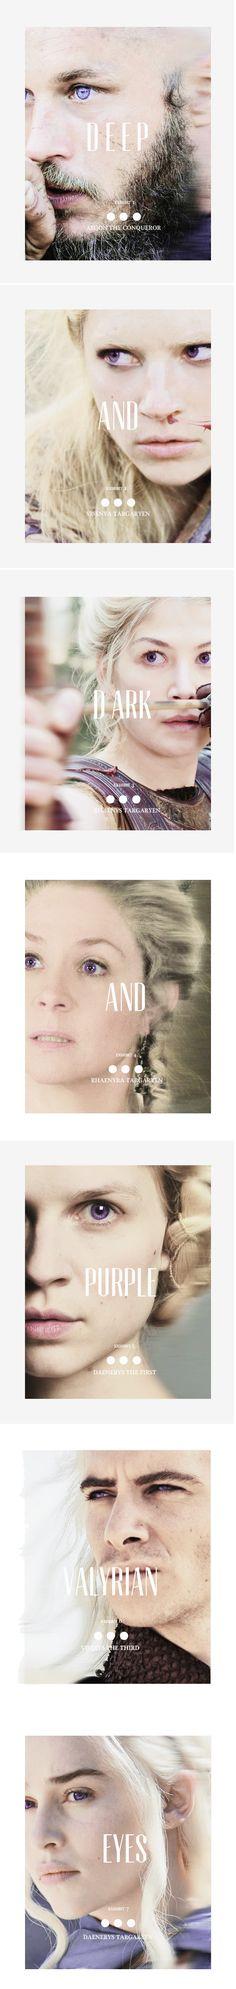 Targaryen archetype: Valyrian eyes #got #asoiaf